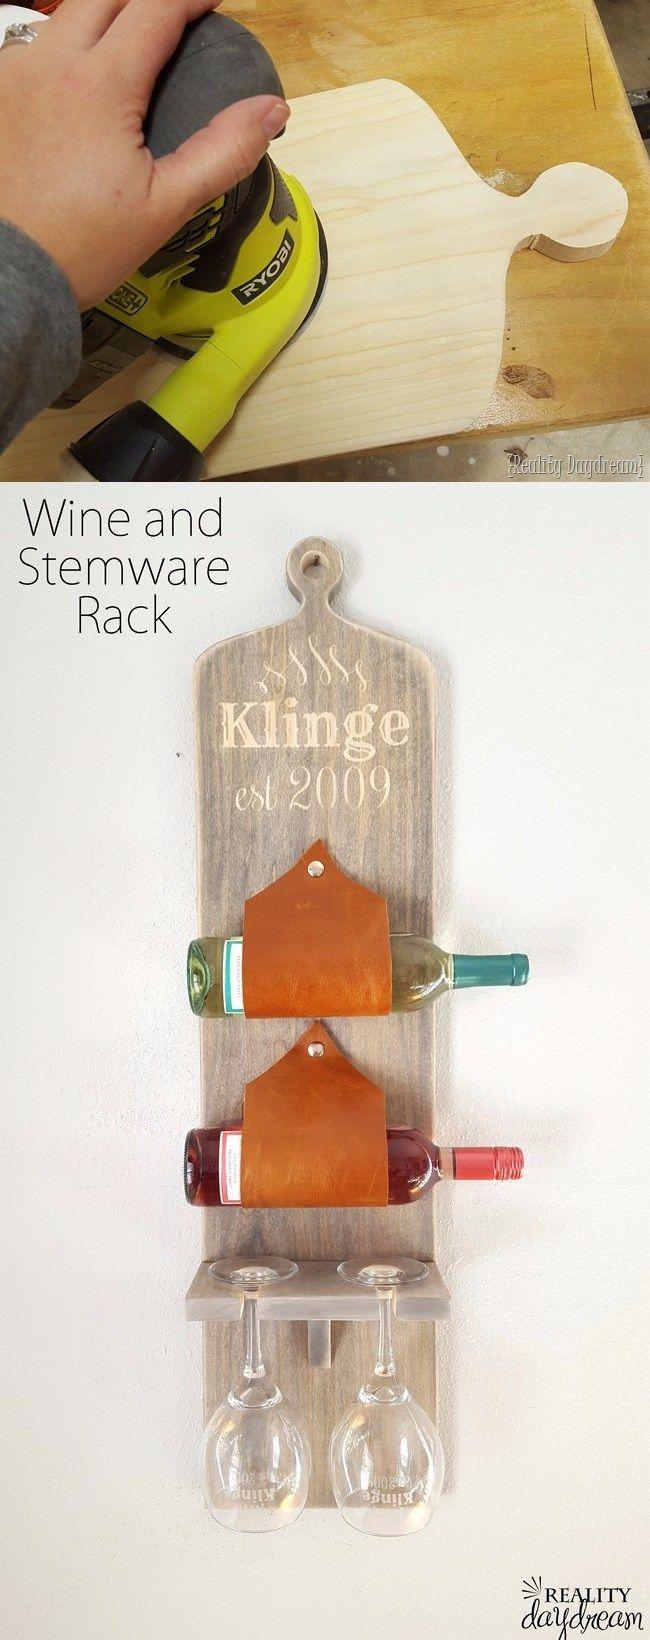 Tabla para sostener copas y vinos - realitydaydream.com - DIY Wine & Stemware Rack